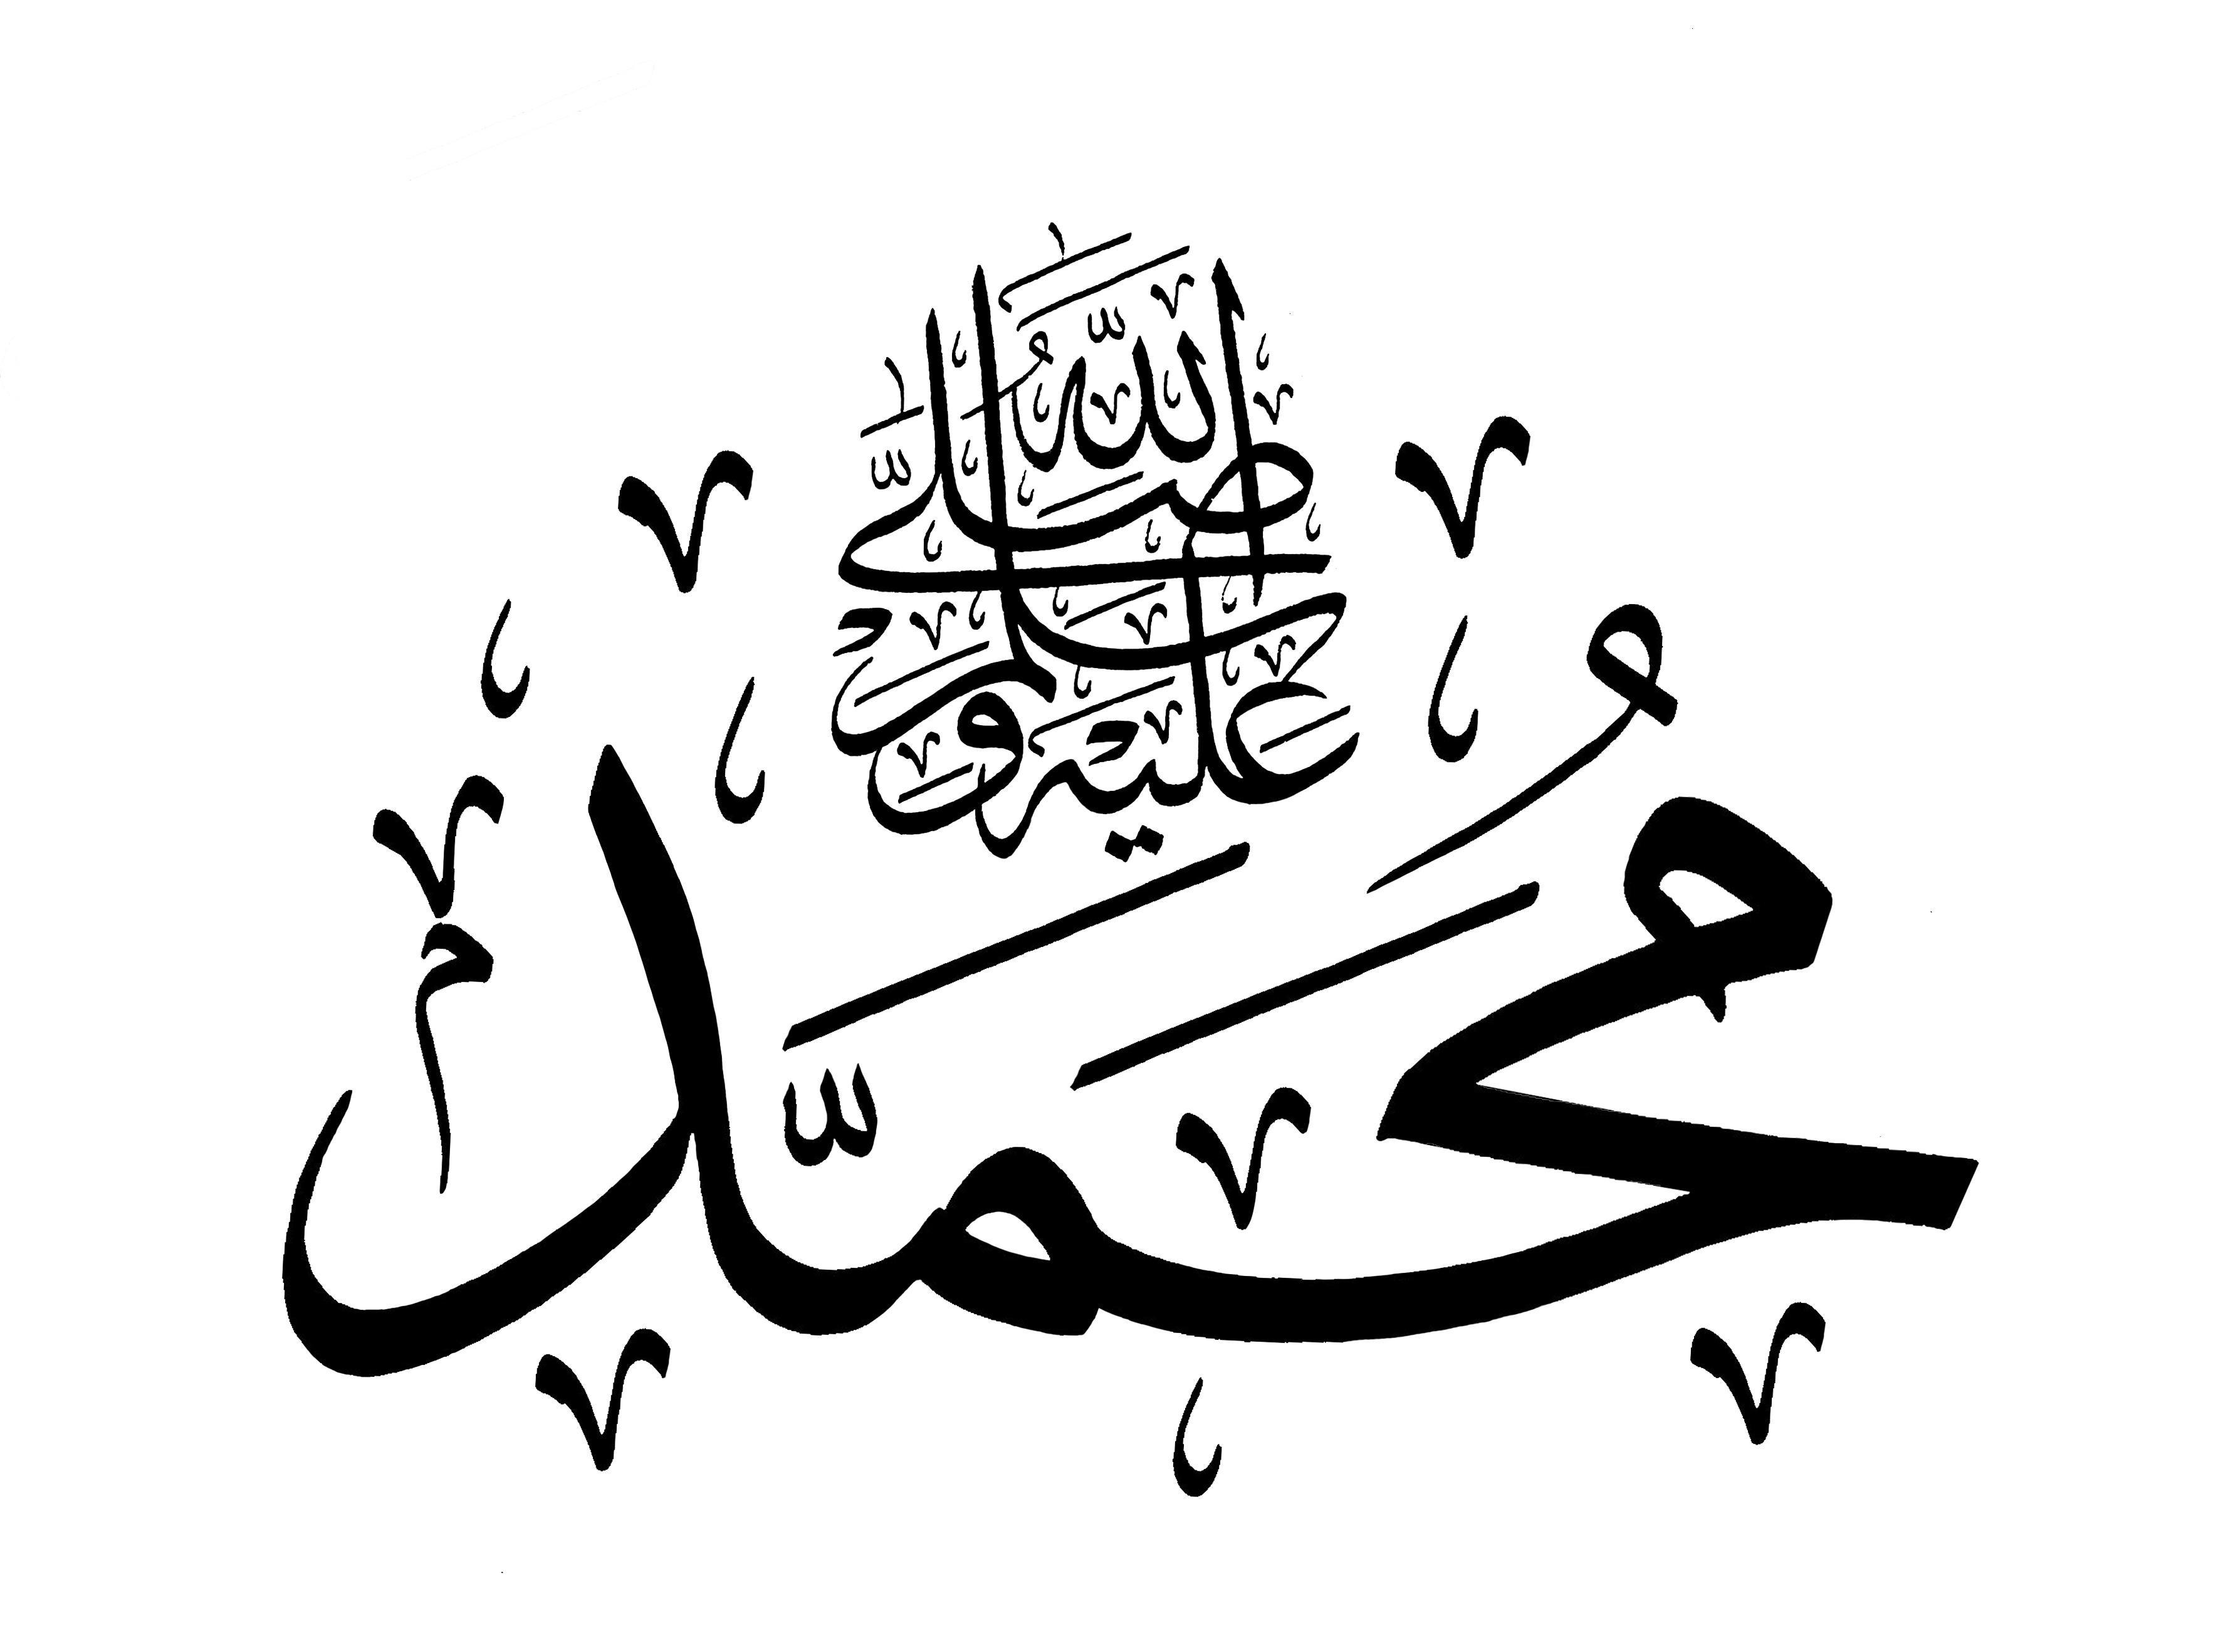 صور اسم محمد مزخرف اسم محمد بالخط العربي (27)